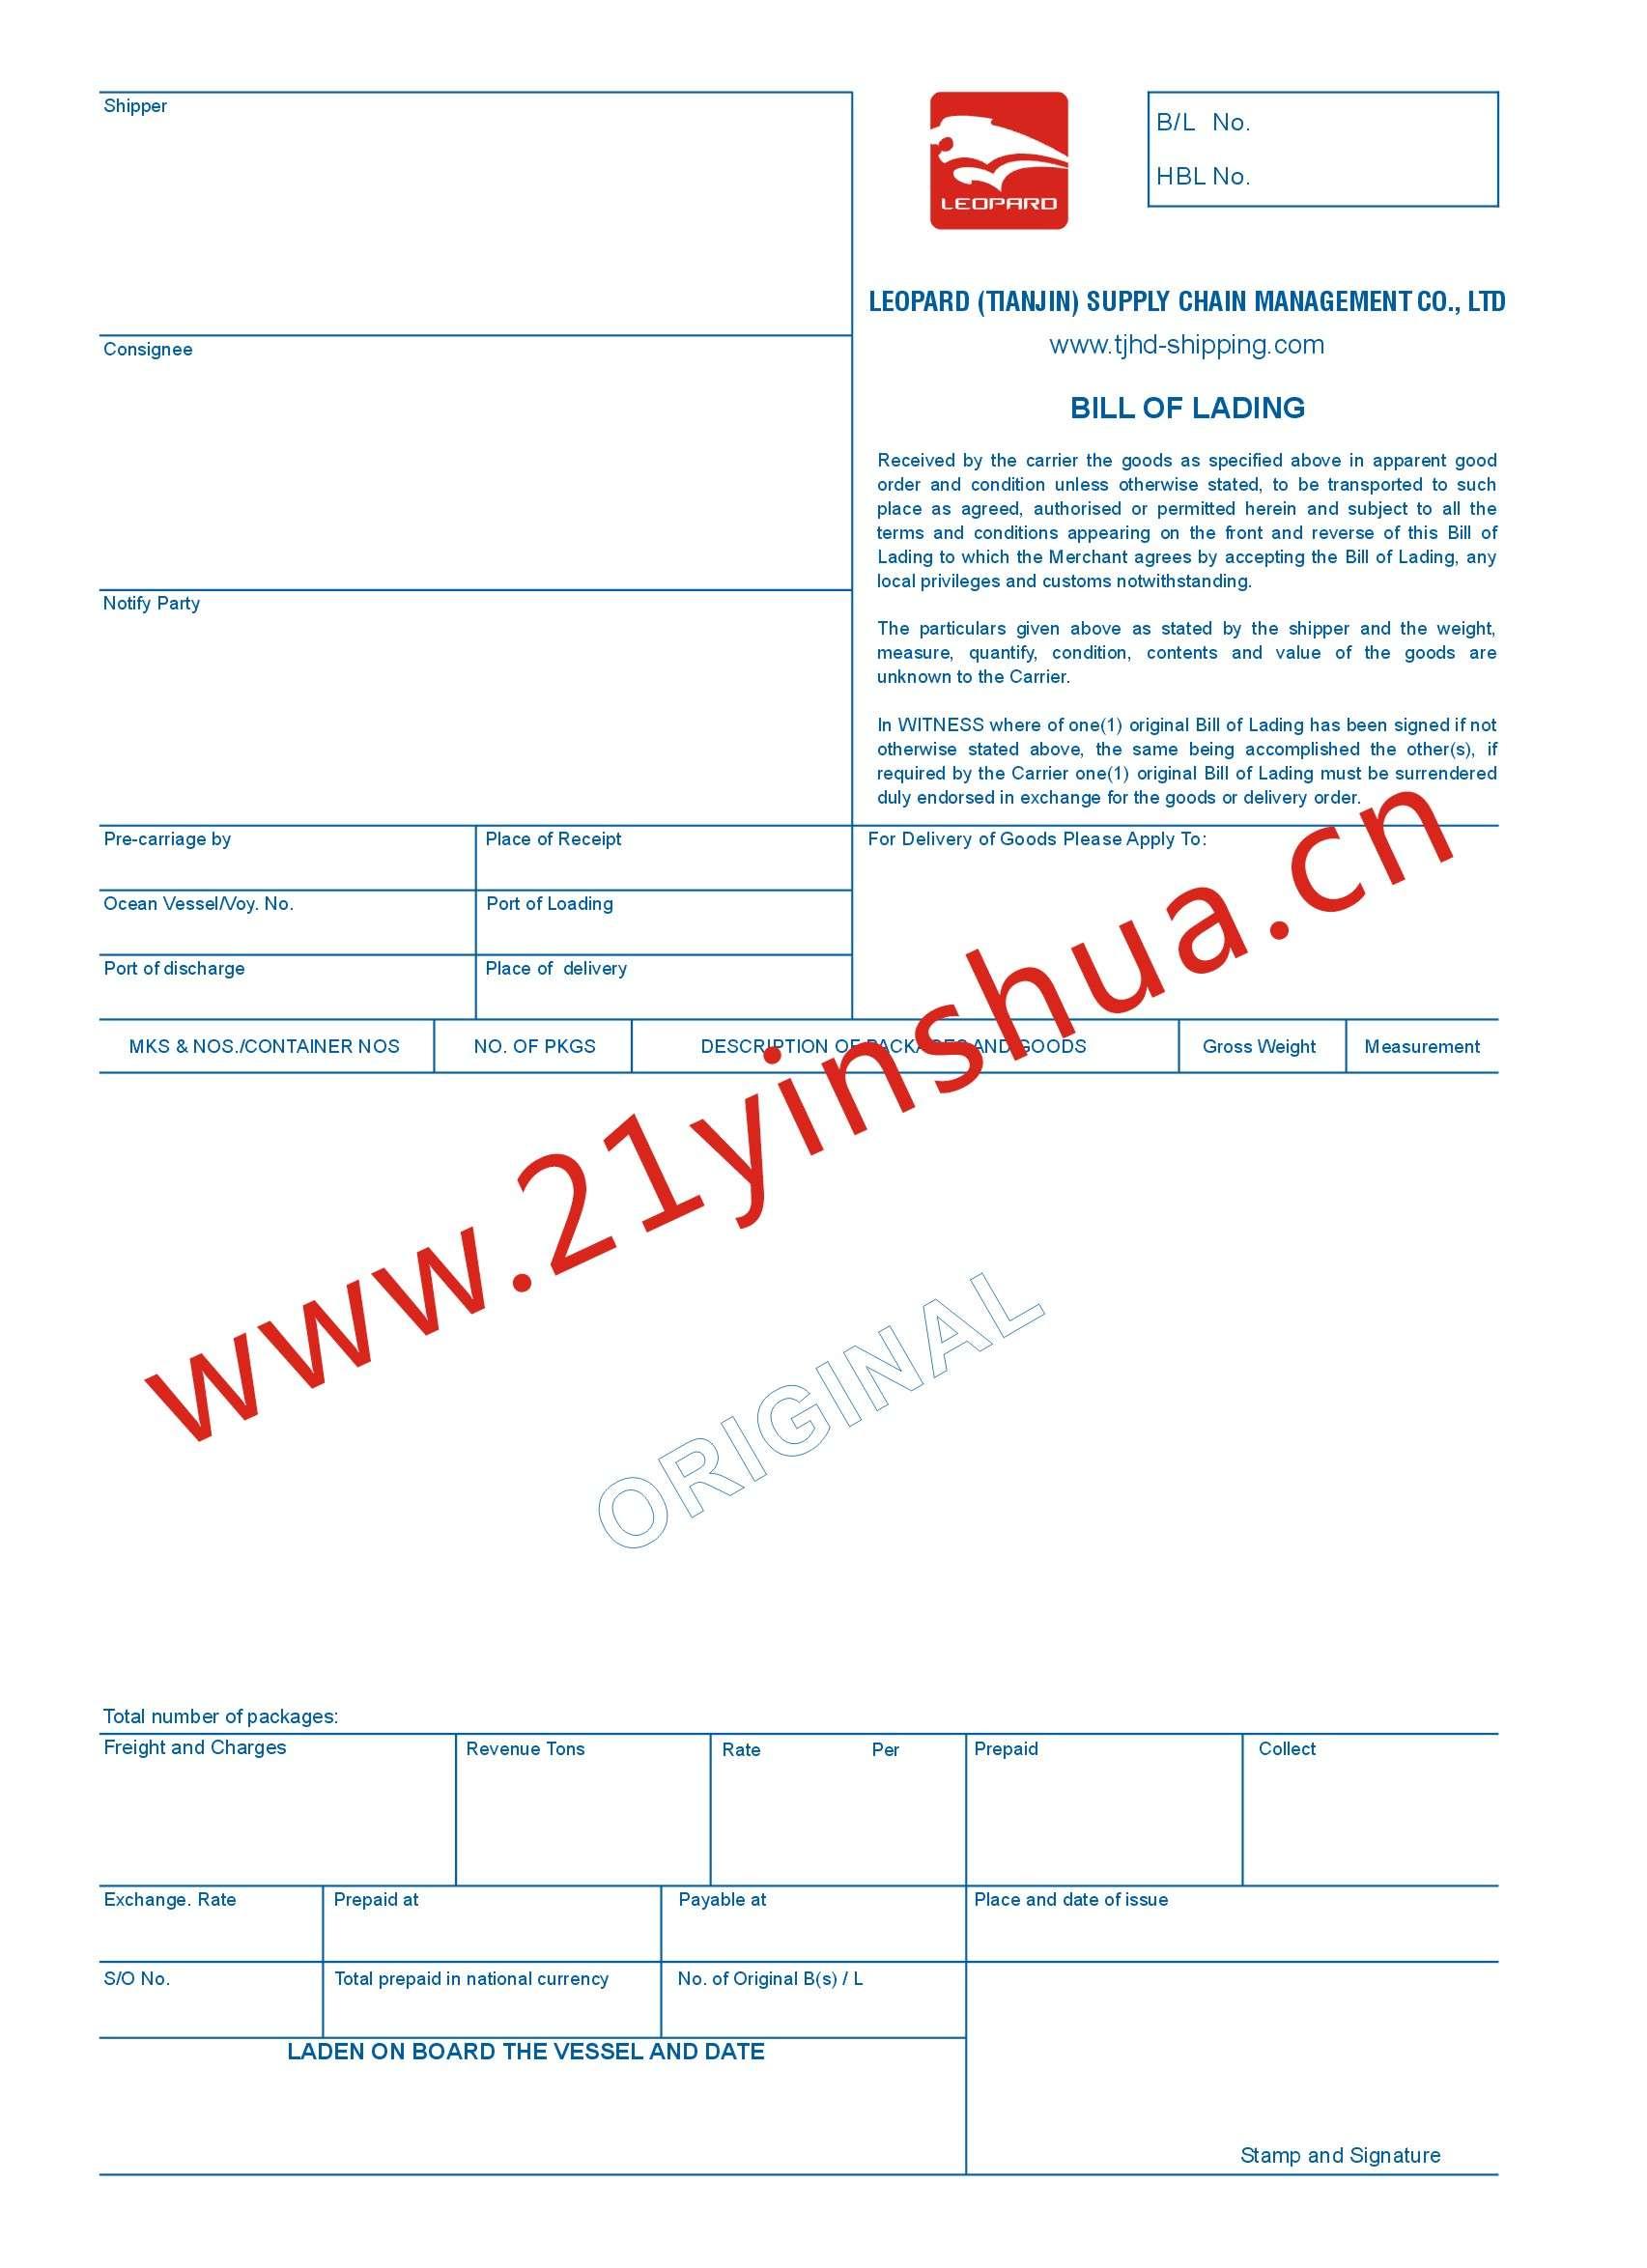 印刷定制海运提单 天津海鼎国际货运代理有限公司 成功案例